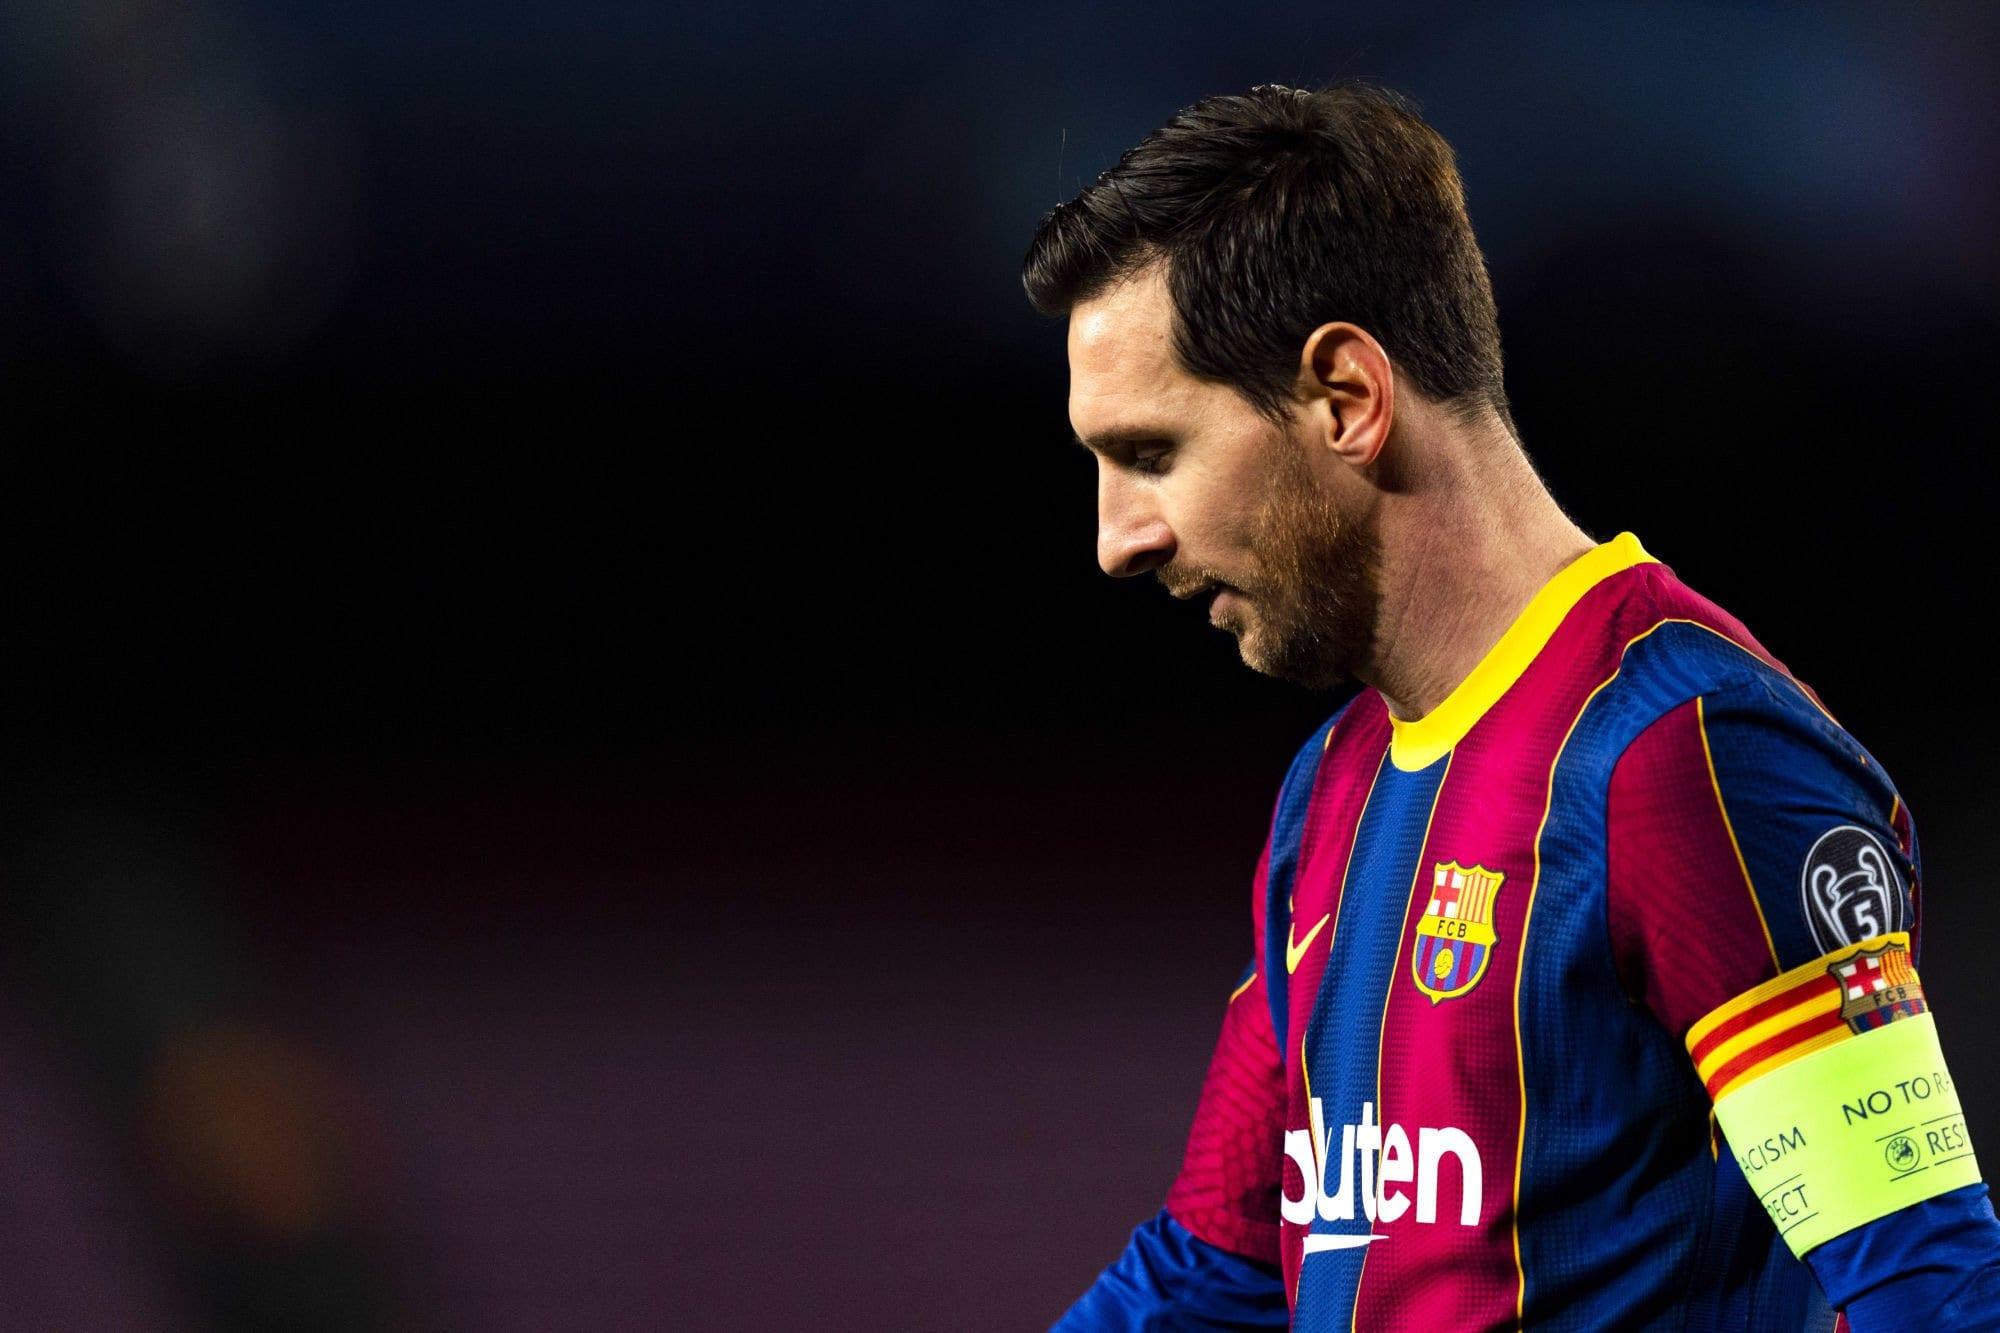 » C'est la fin entre le Barça et Messi «